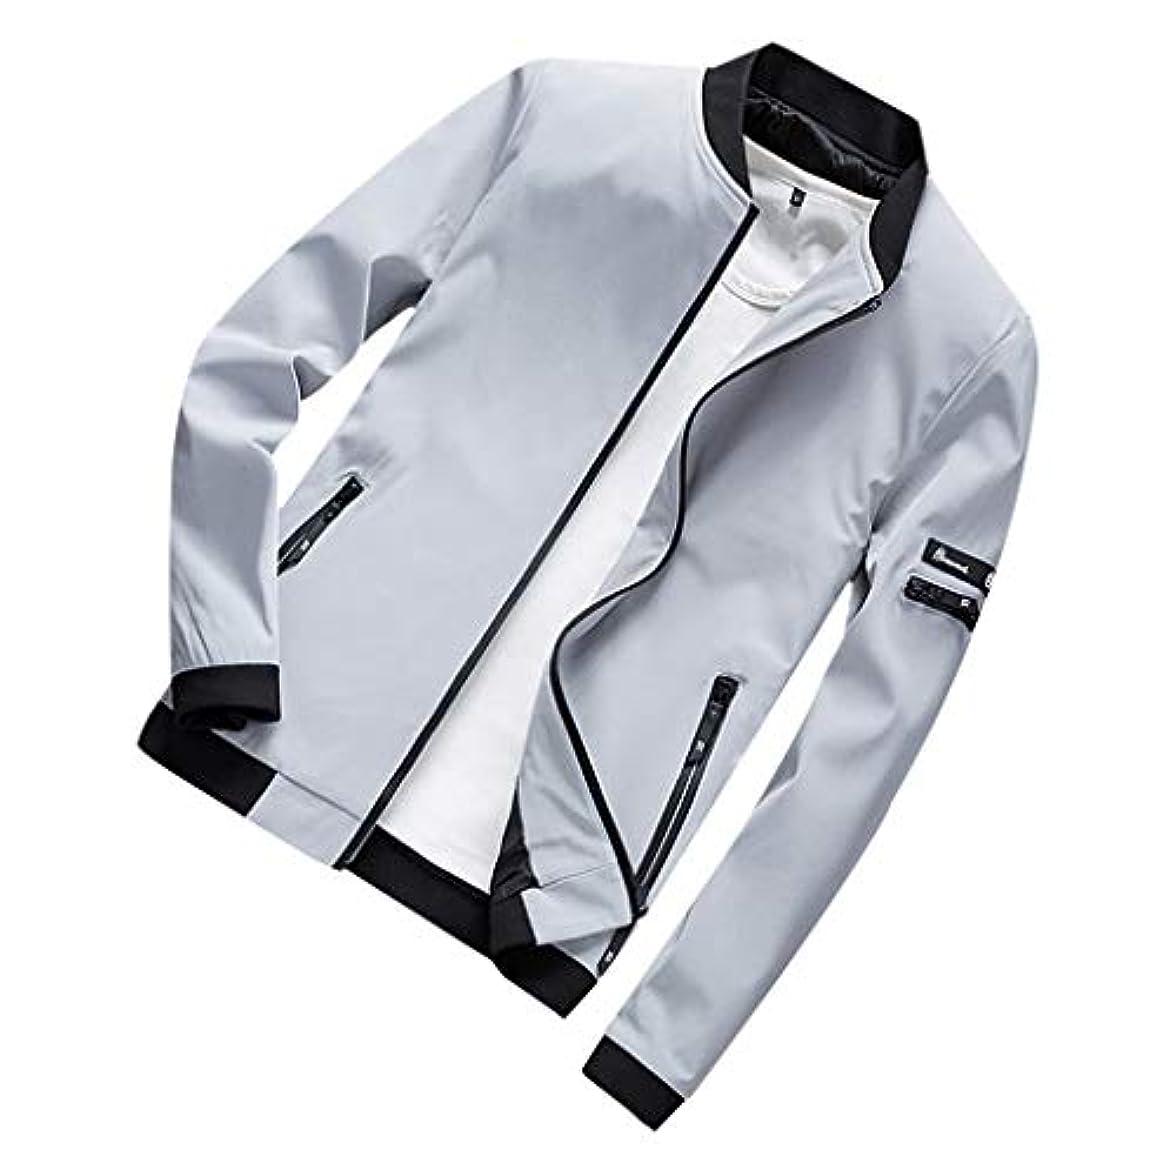 排気テロ一節ジャケット メンズ コート ブルゾン 秋 冬 防水 無地 カジュアル 綿 大きいサイズ アウター 黒 ストレッチ ビジネスシャツ 細身 ジャケット